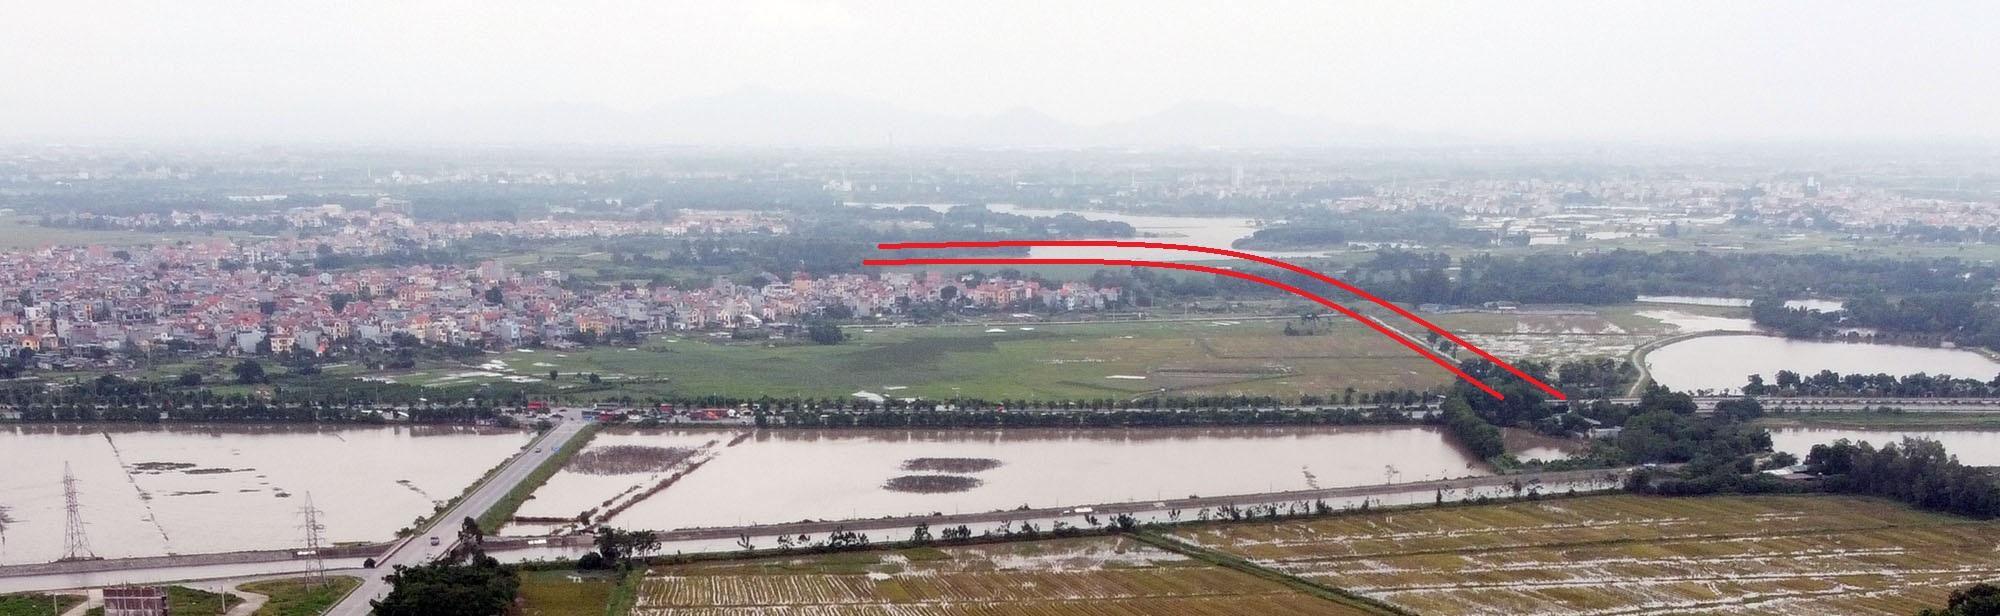 đường sẽ mở theo qui hoạch ở xã Kim Nỗ, Đông Anh, Hà Nội - Ảnh 13.